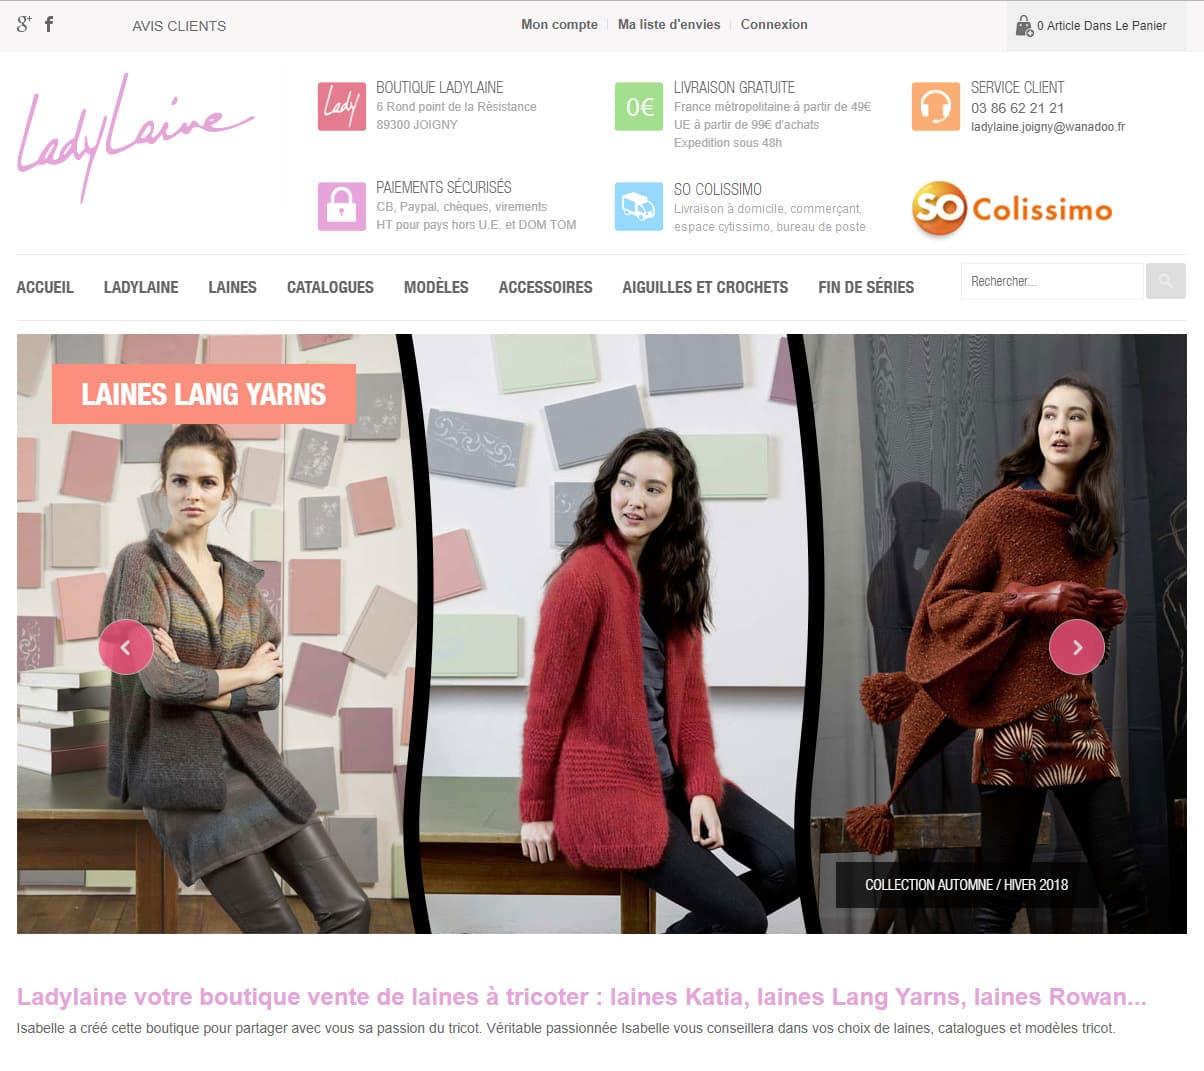 ladylaine-boutique-en-ligne